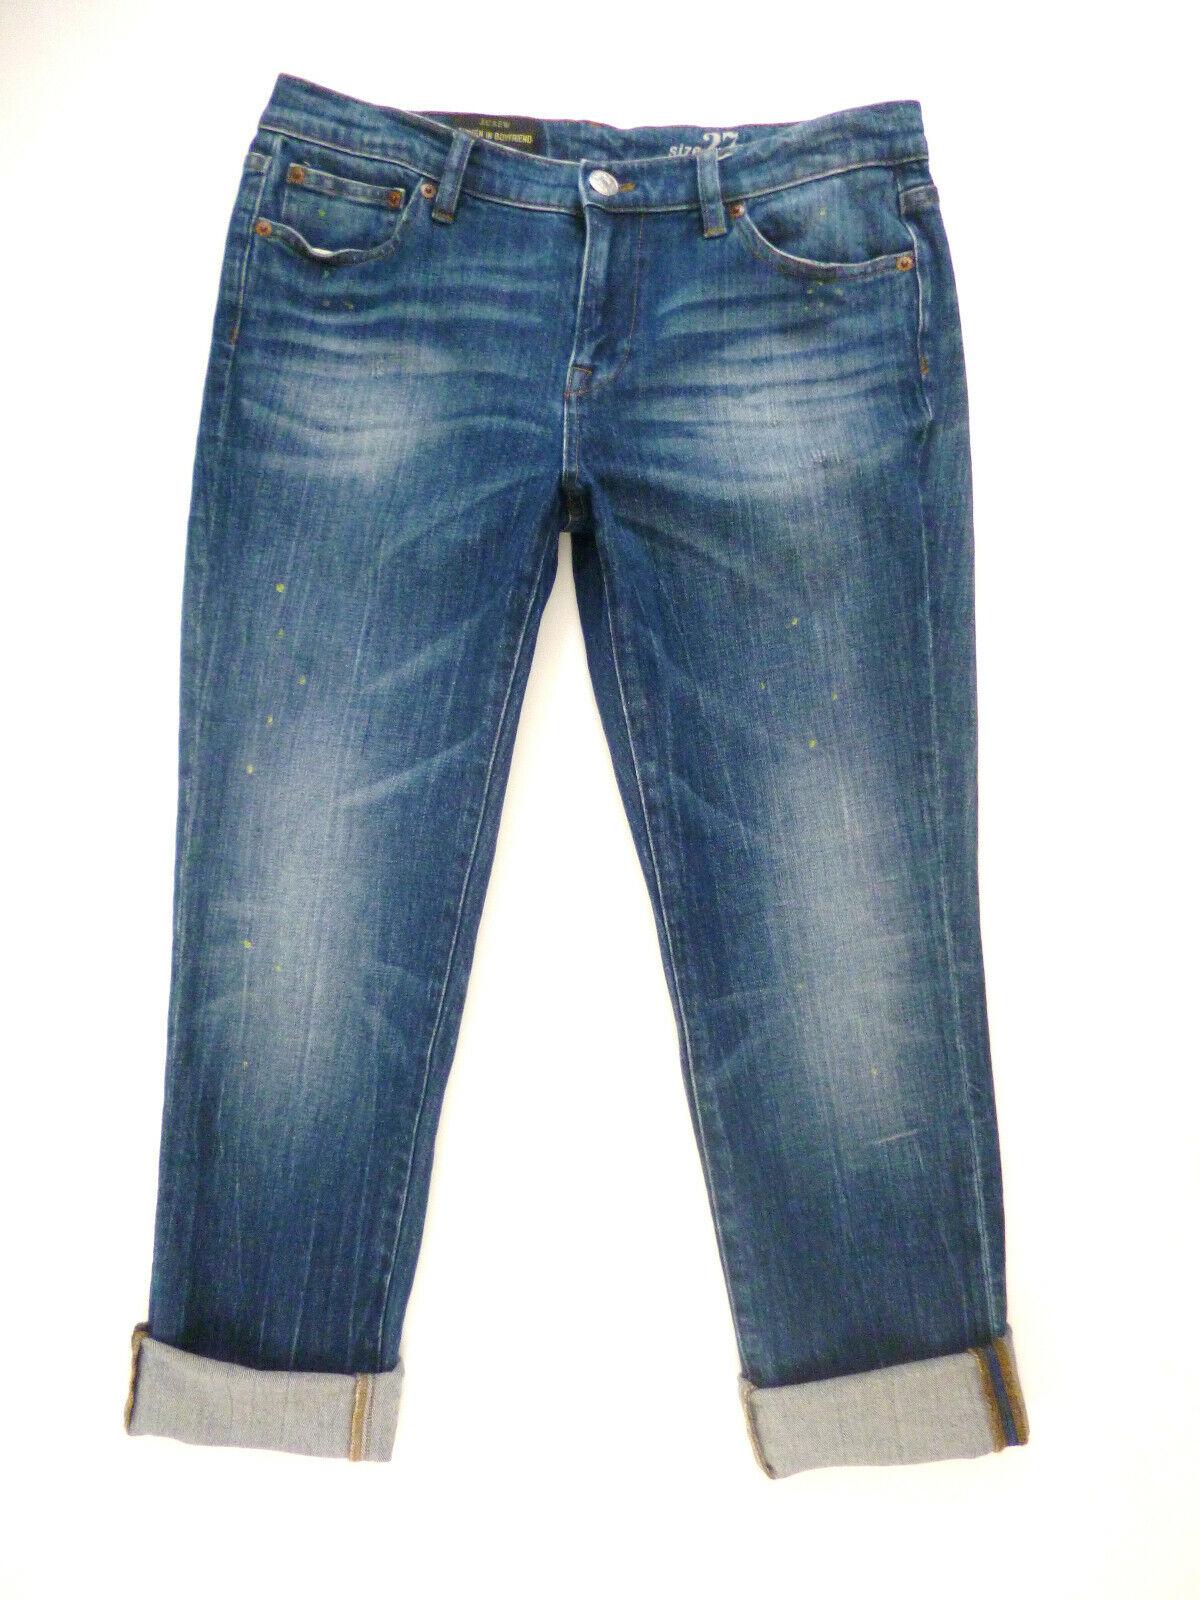 J. Crew Broken in Boyfriend Jeans Size 27 Michel Wash Distressed Slim